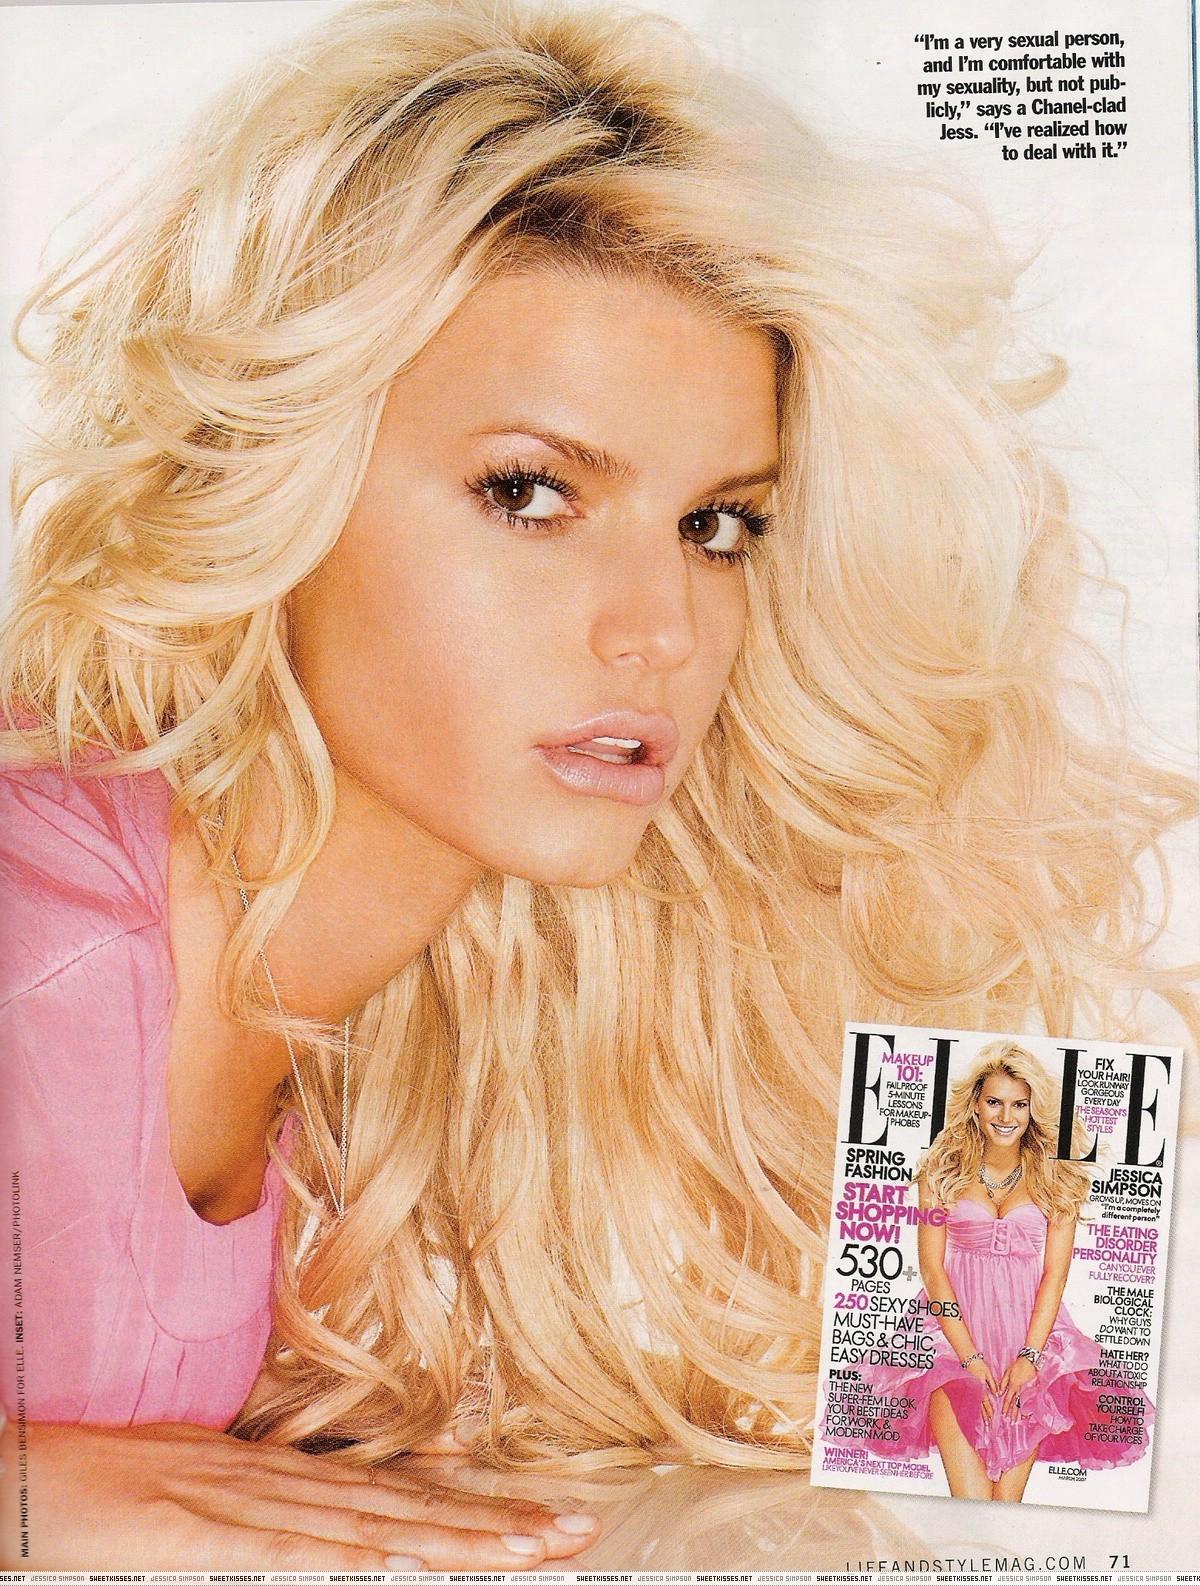 Com провели online-исследование на тему, действительно ли блондинки